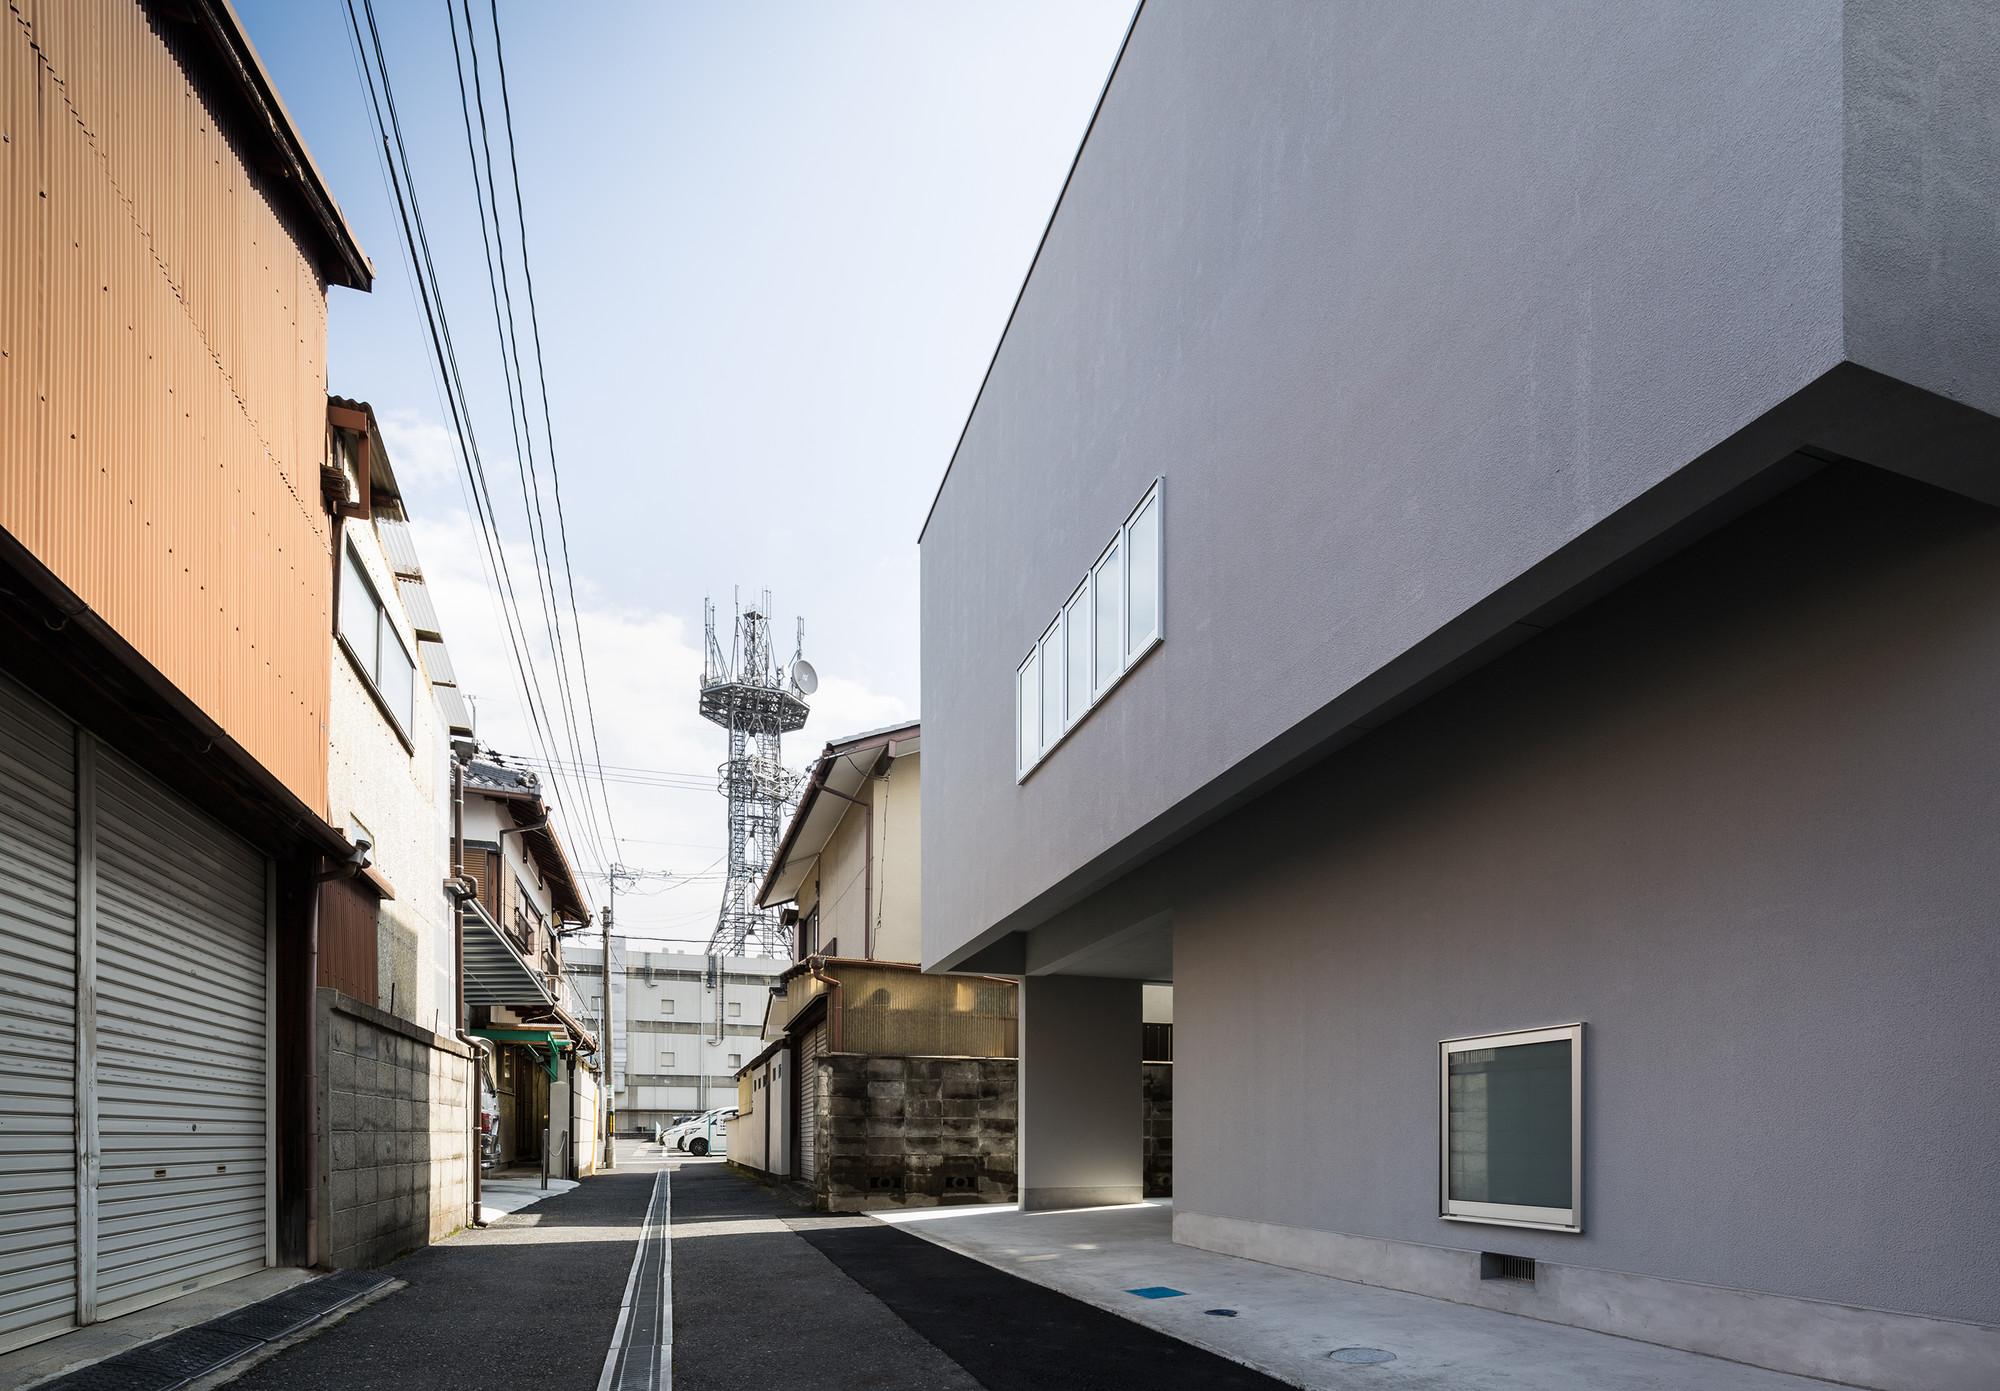 © Yoshihiro Asada